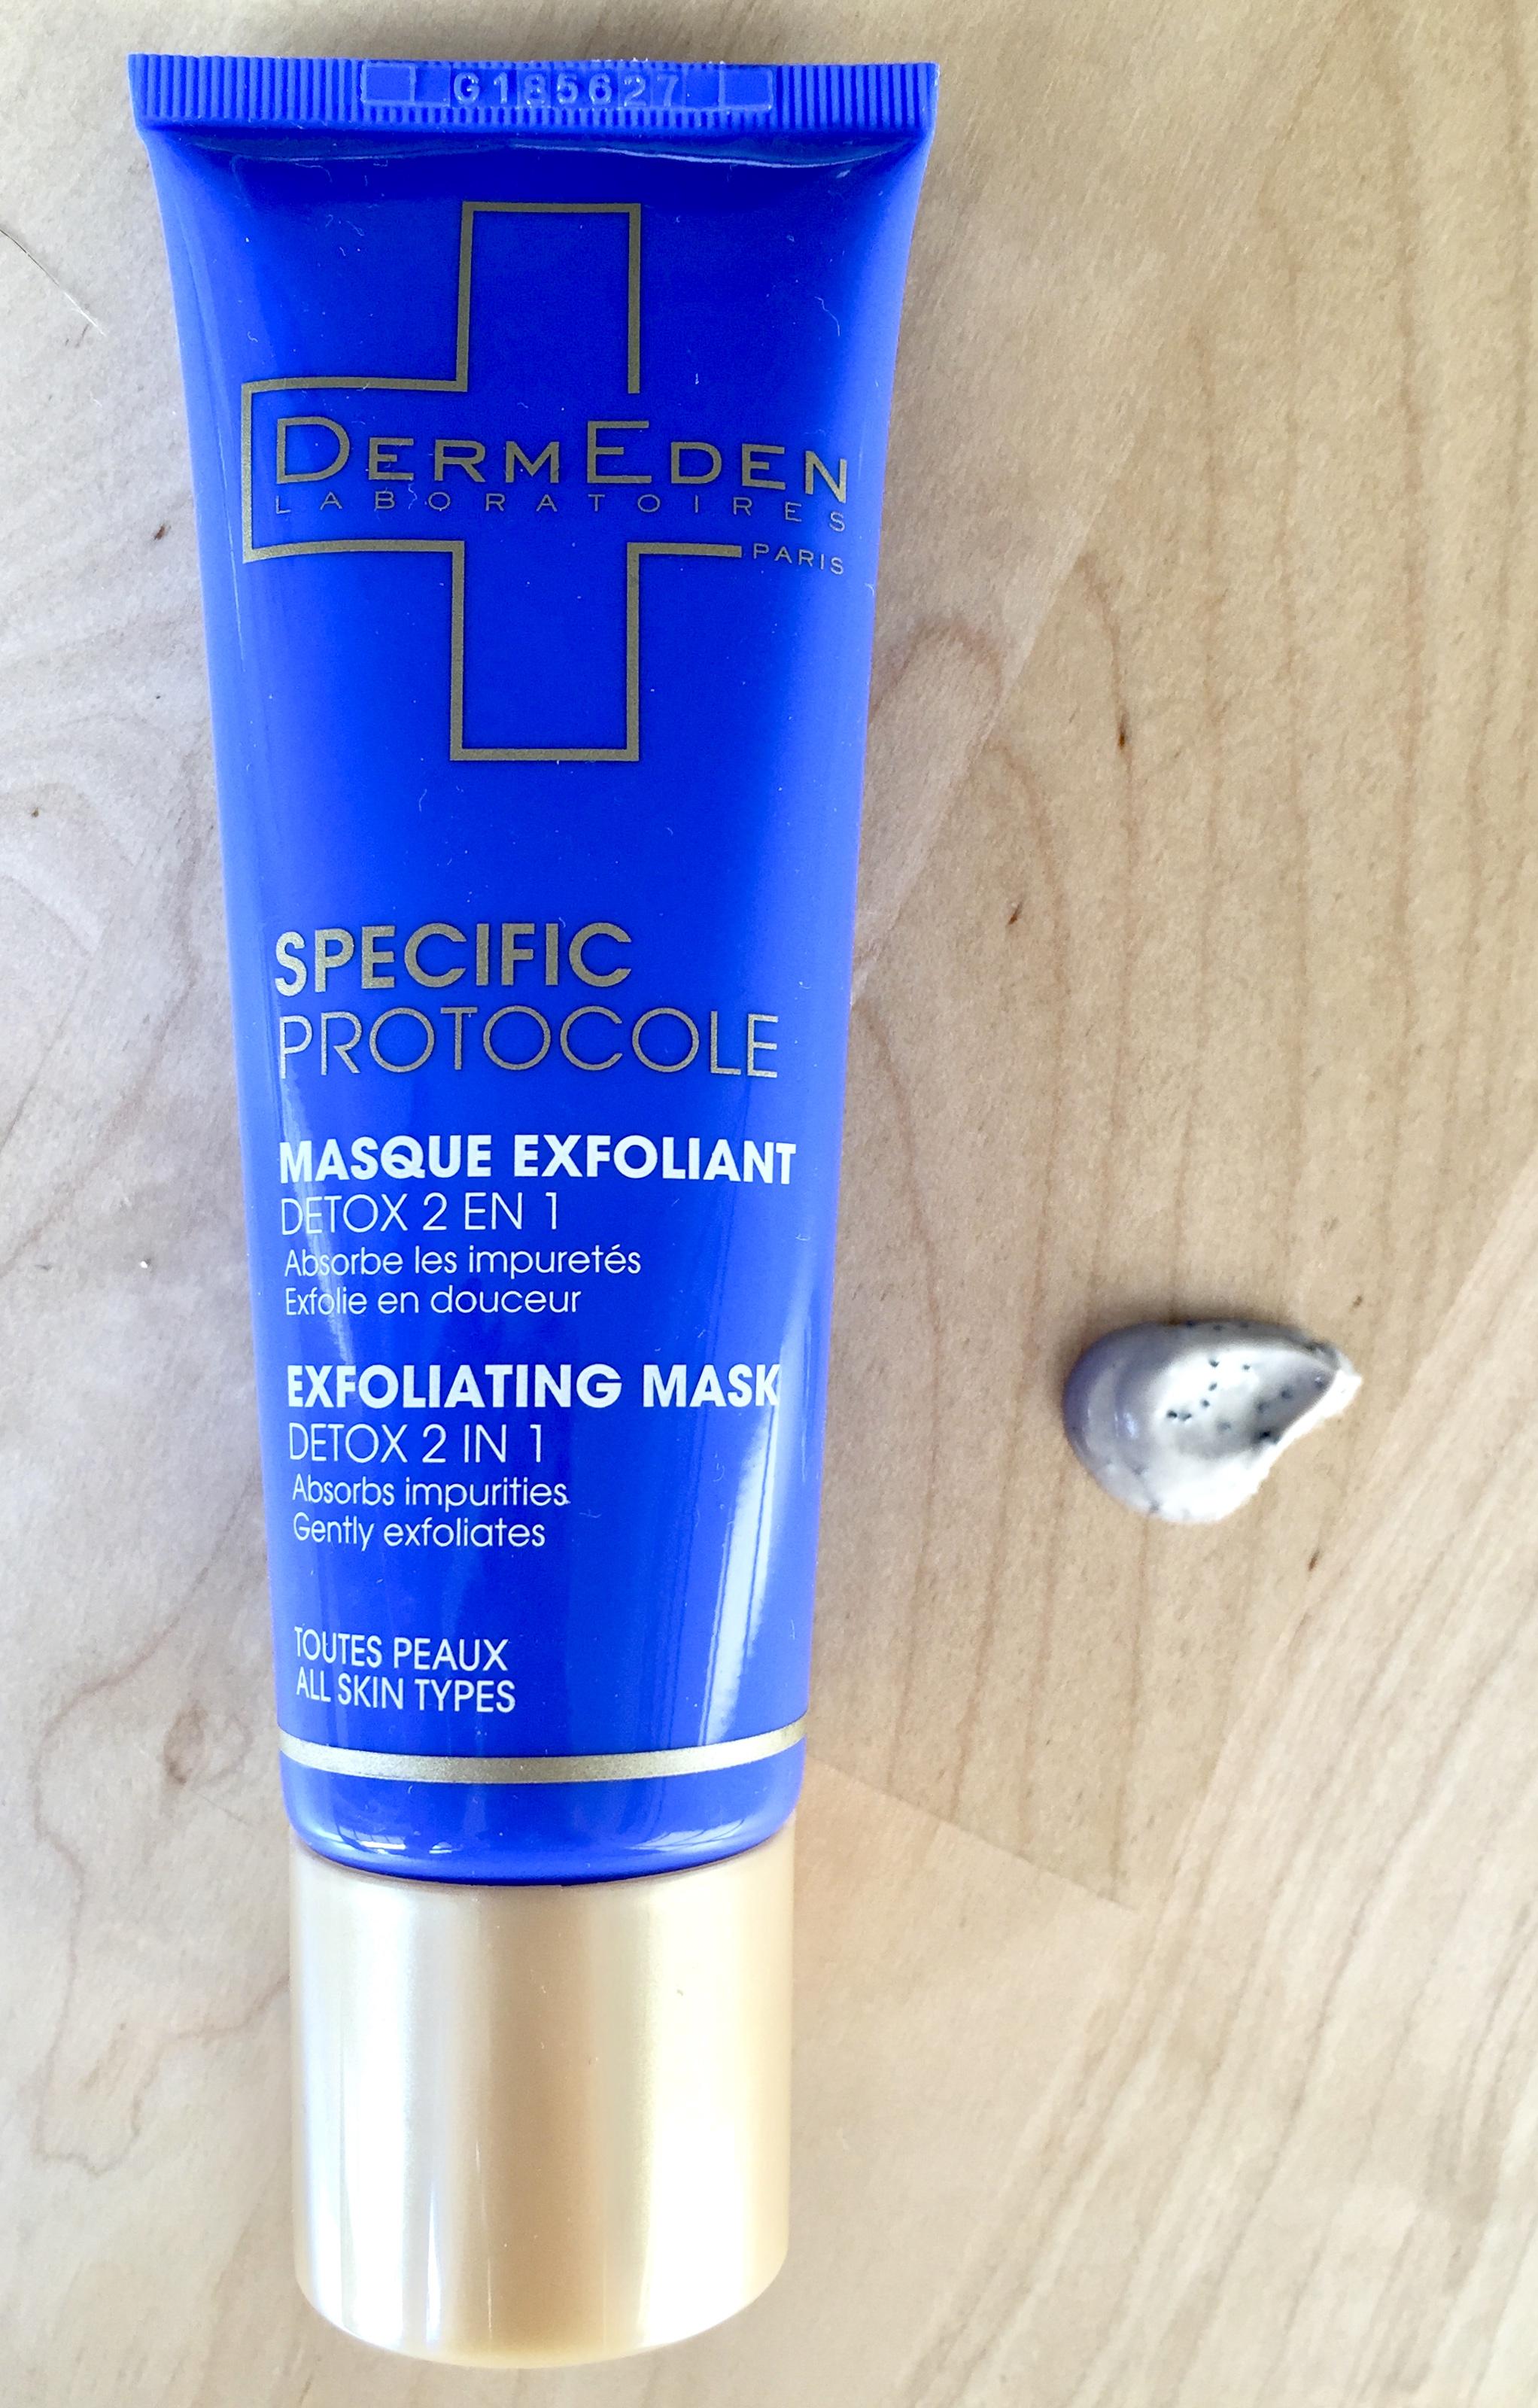 Dermeden masque exfoliant detox